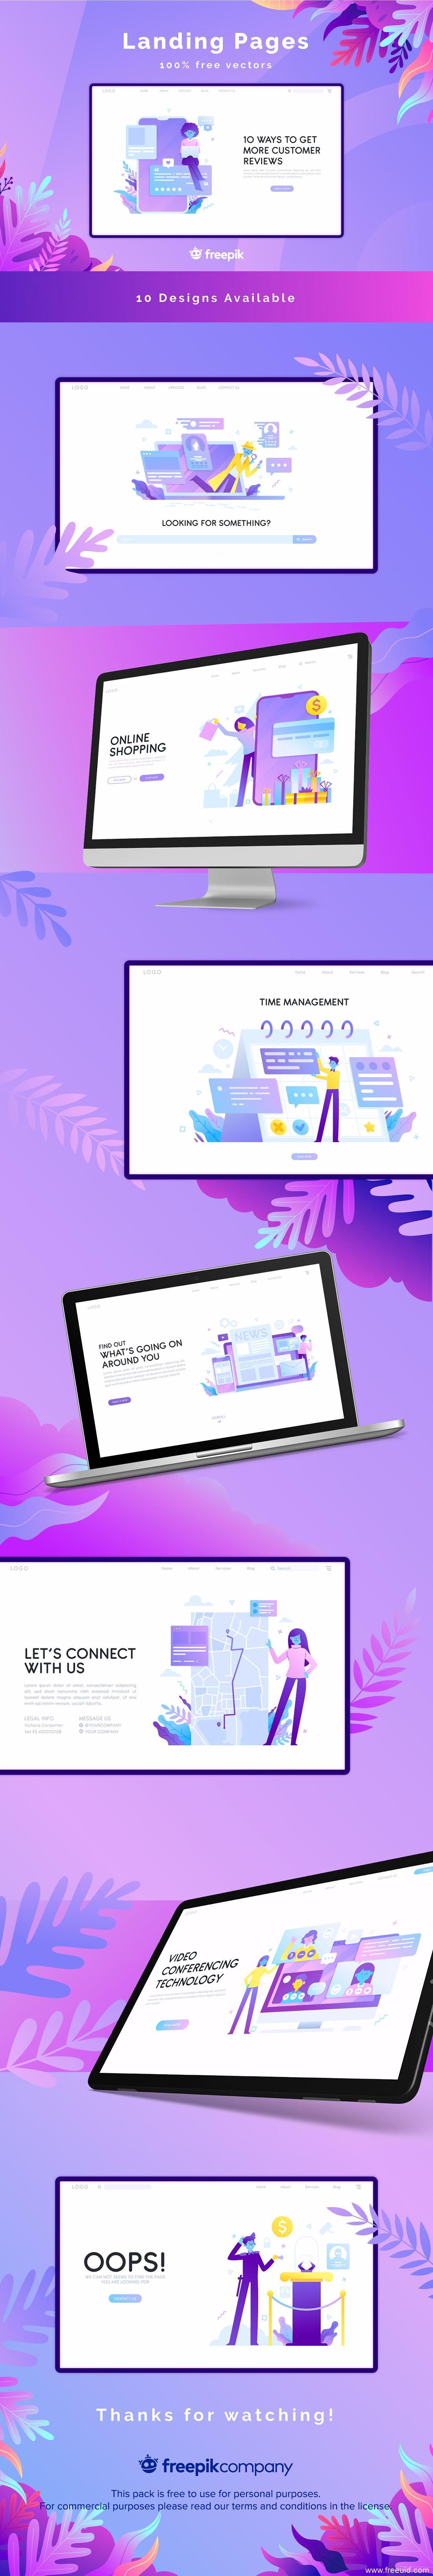 10张应用着陆页插画UI资源下载分享